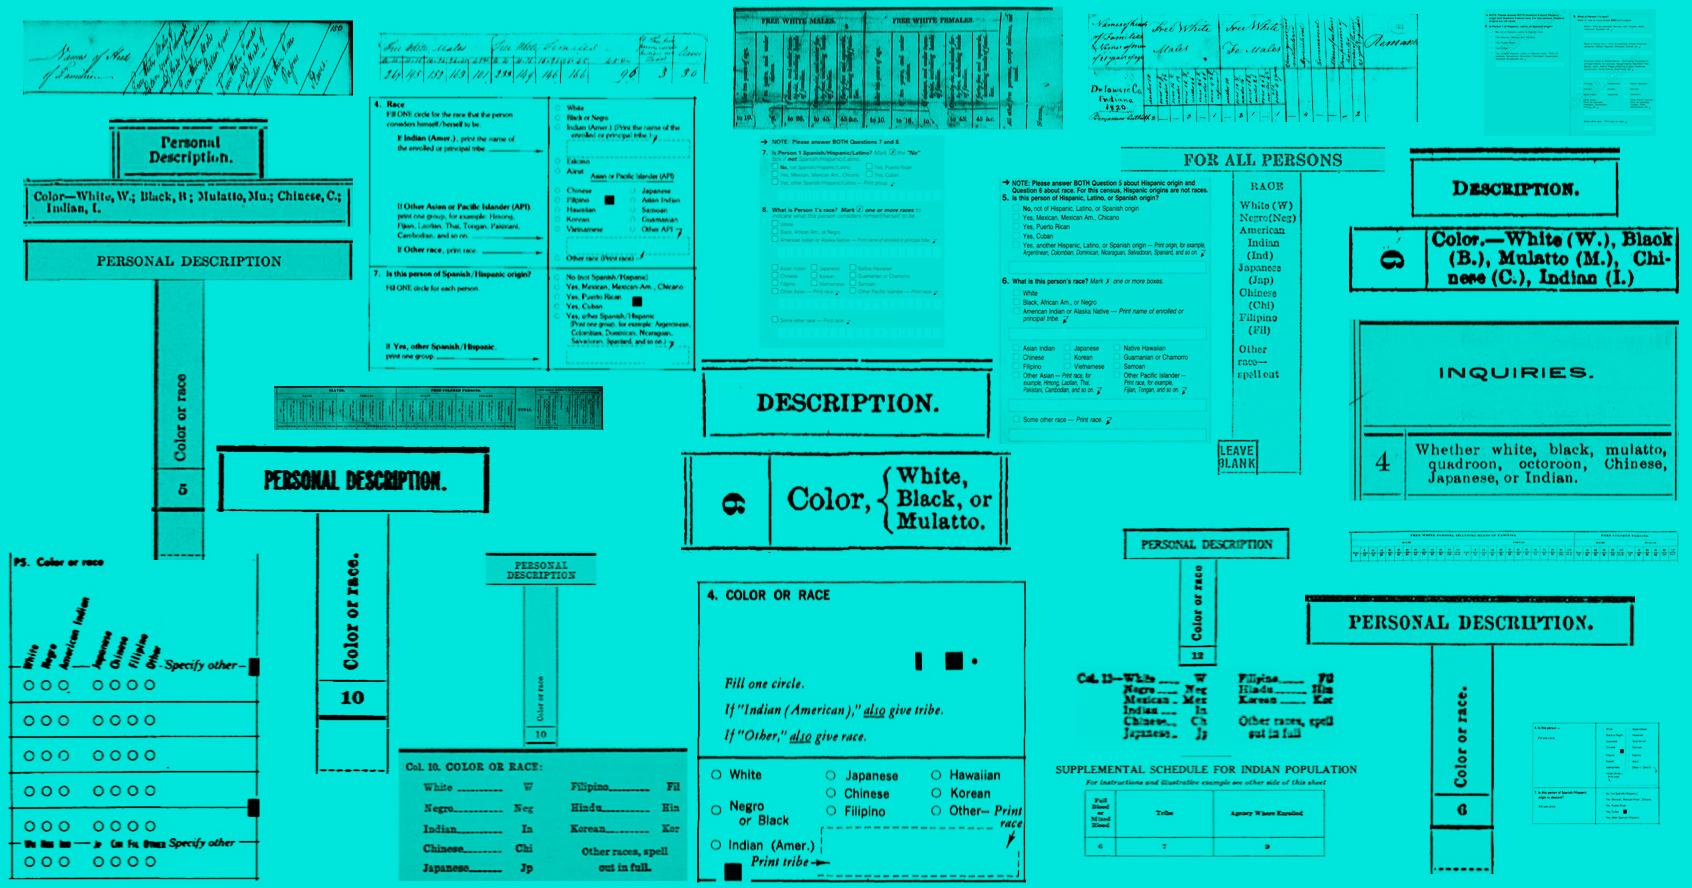 Census Collage